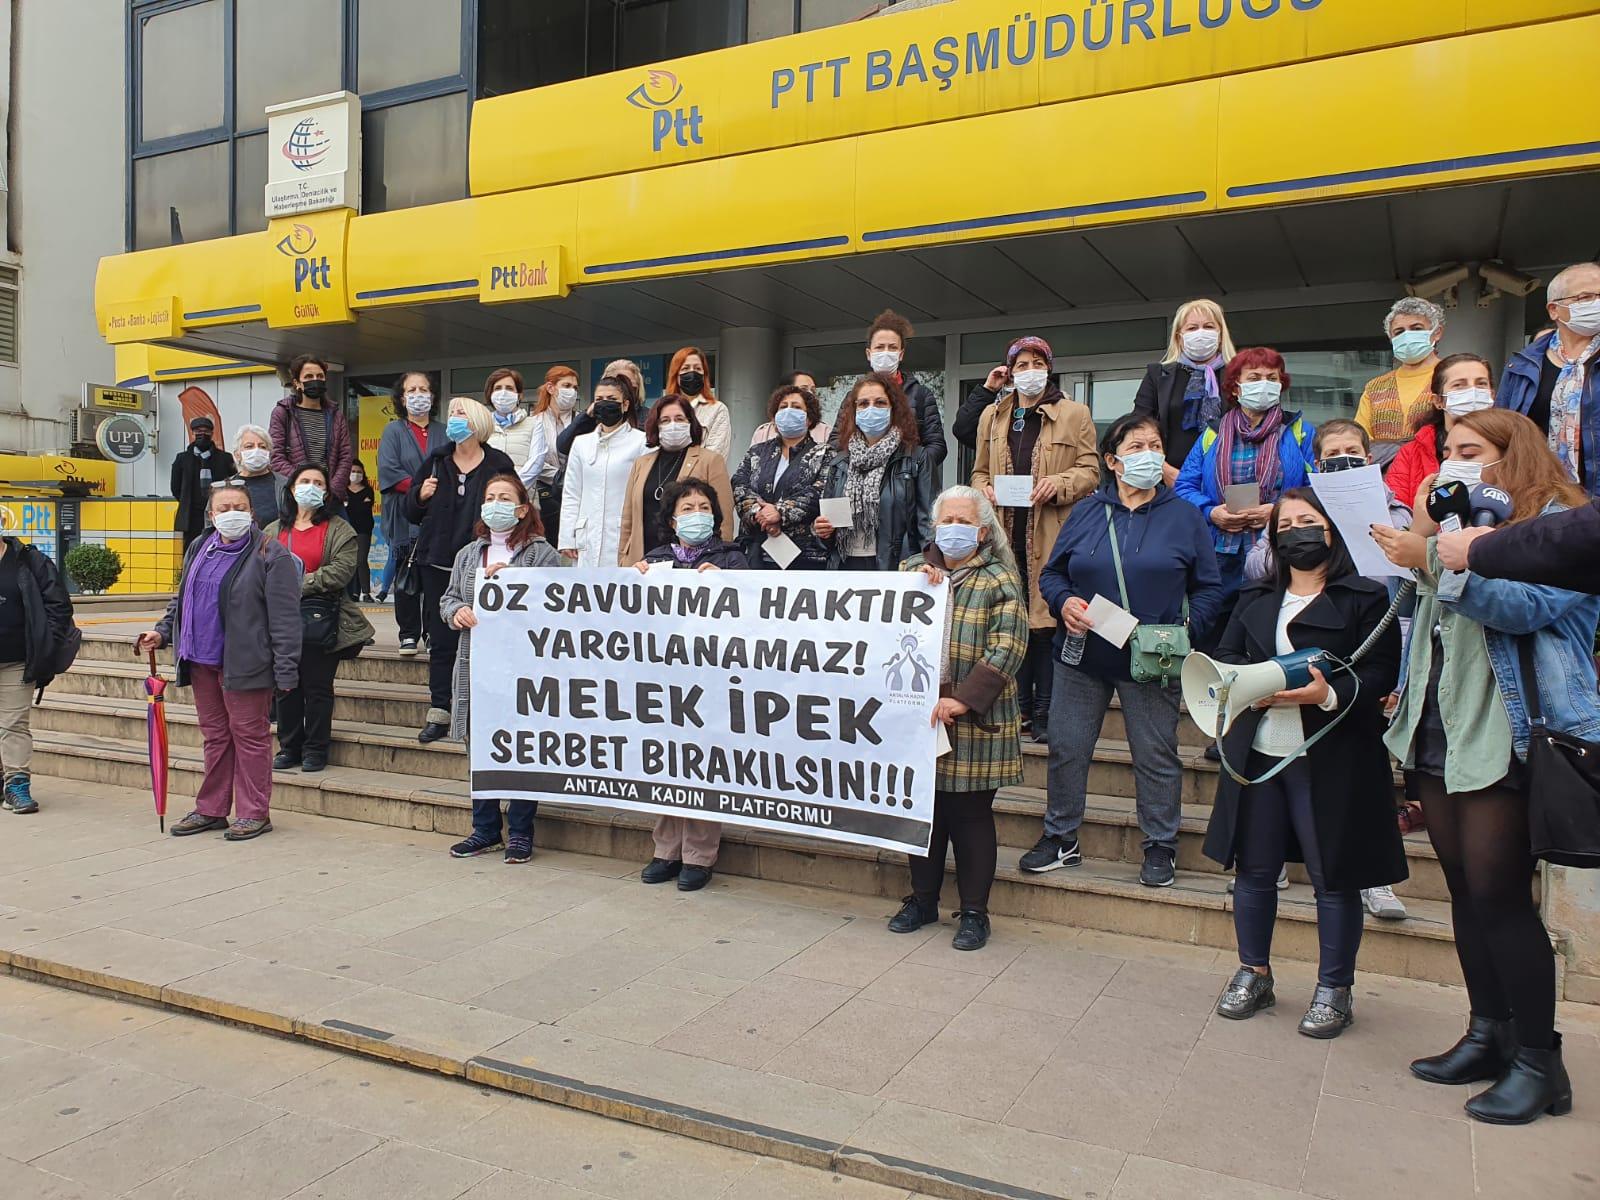 Antalya Kadın Platformu Melek İpek için sokakta: Özsavunma haktır yargılanamaz!